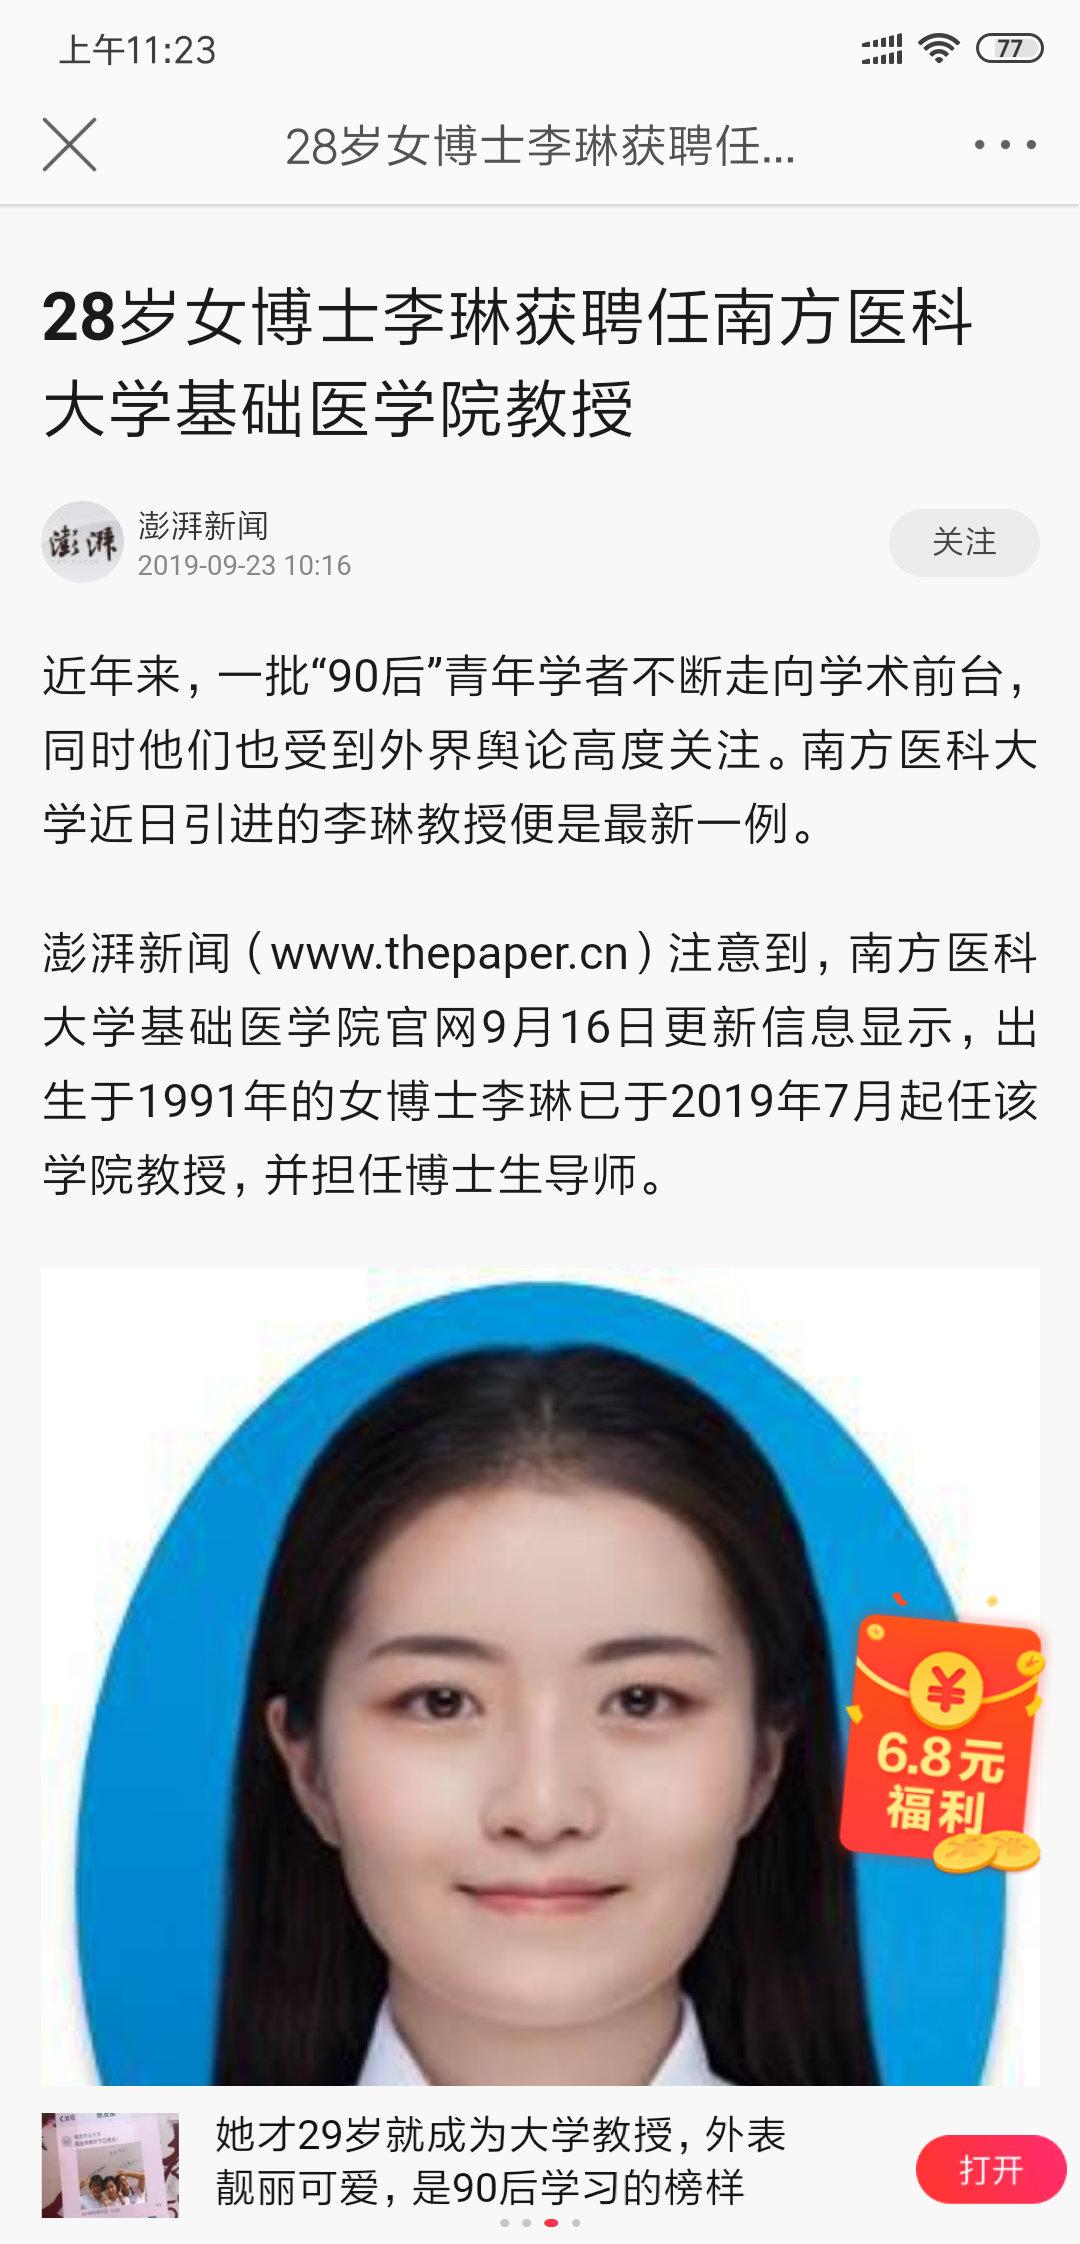 厉害!28岁女博士李琳获聘任南方医科大学基础医学院教授